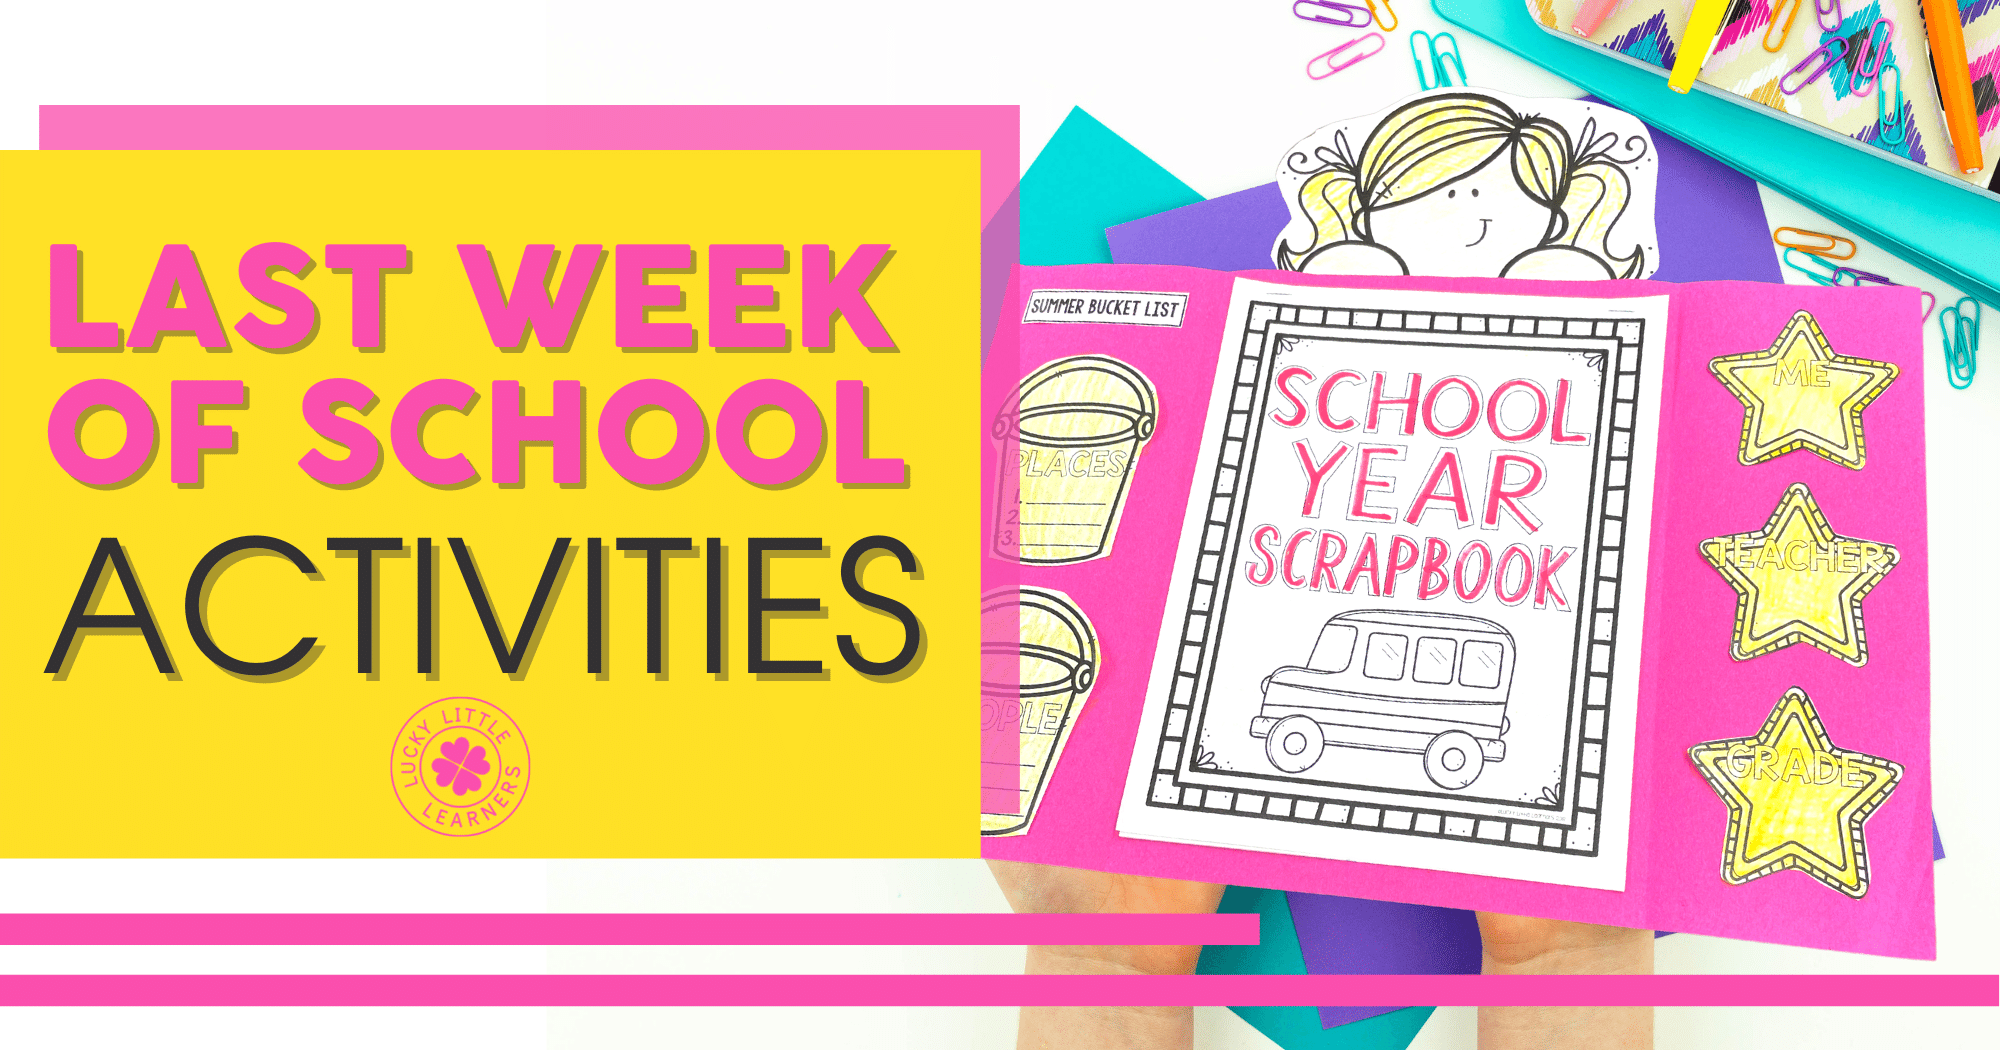 last week of school activities